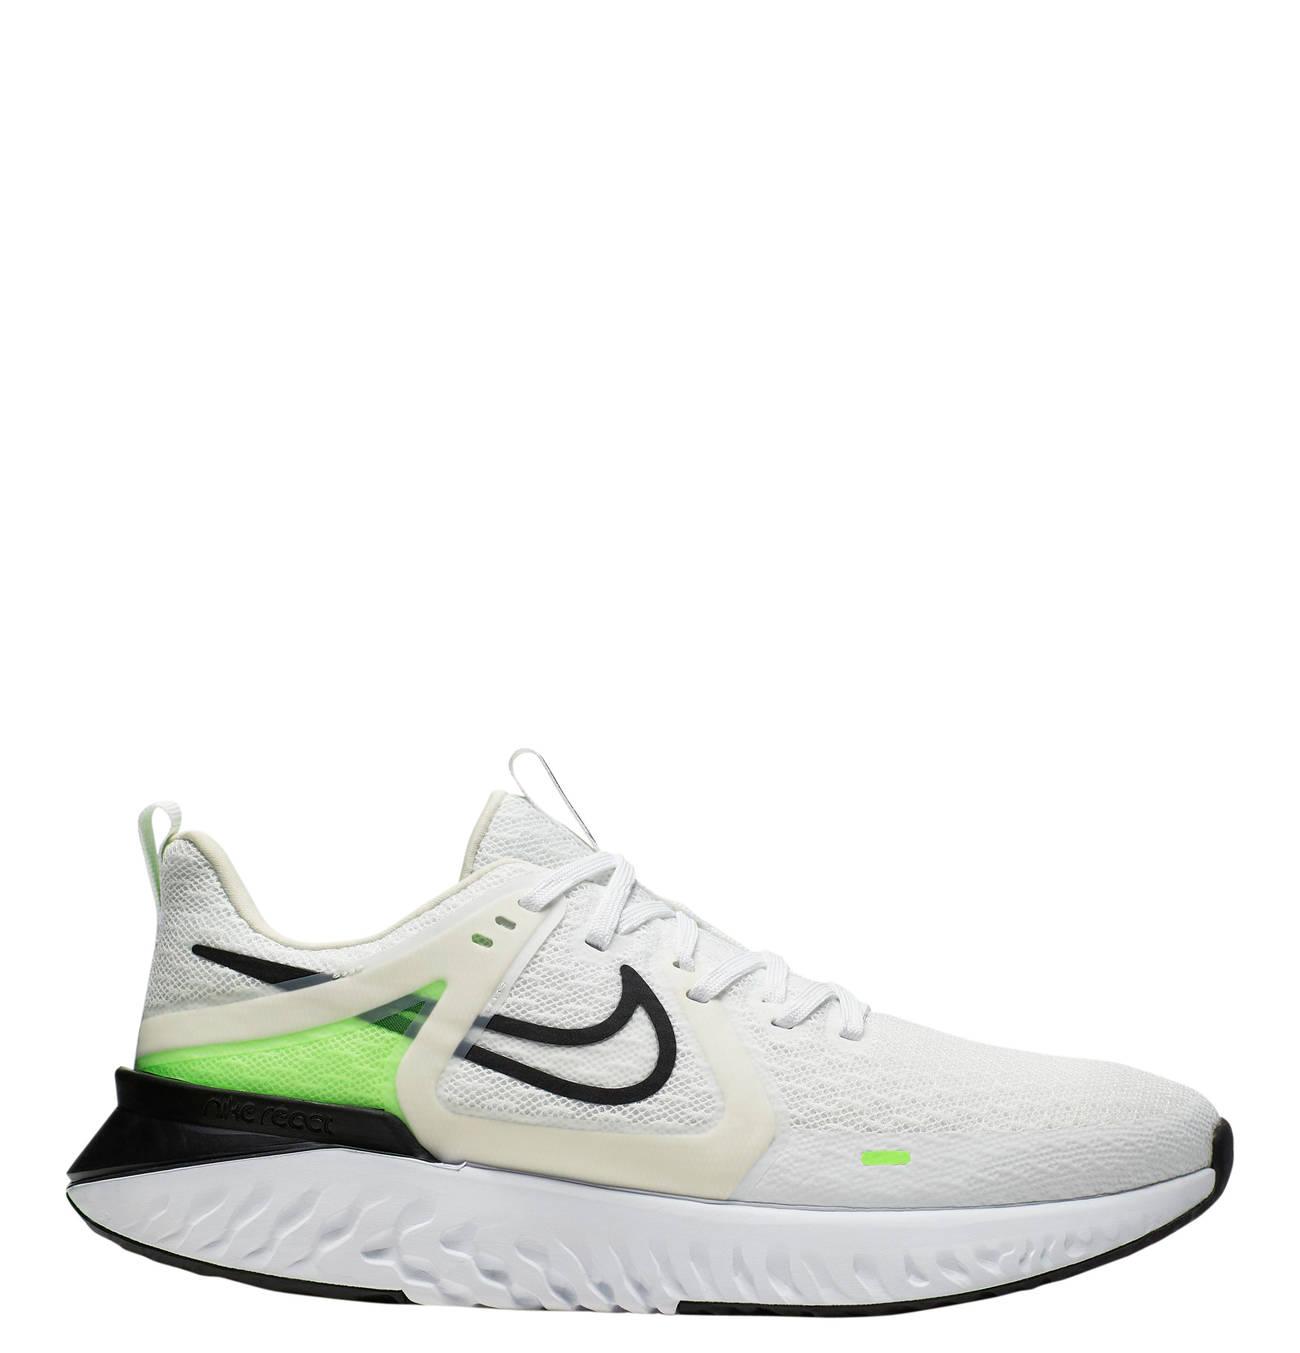 Nike Herren Laufschuhe Freizeitschuhe NIKE Nike Legend React 2 schwarz weiß grau